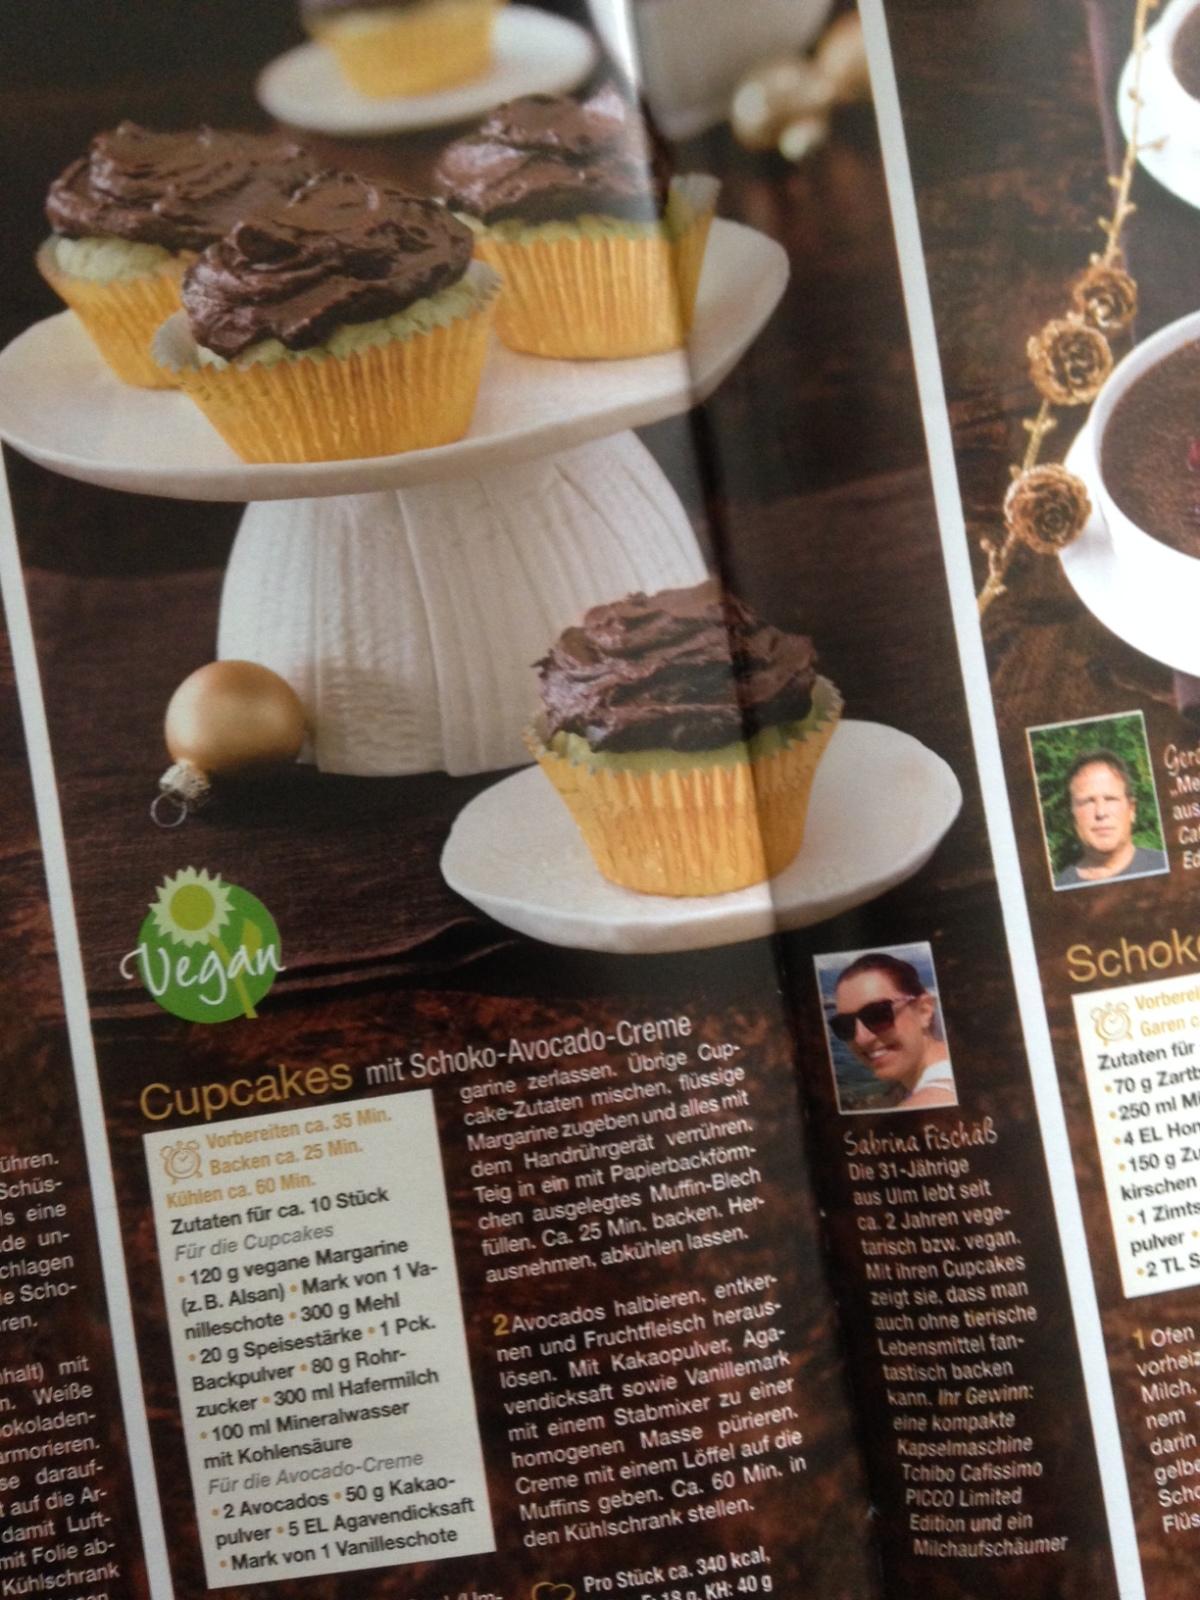 Meine Schokoküchlein im aktuellen Lisa! Kochen und Backen – Magazin